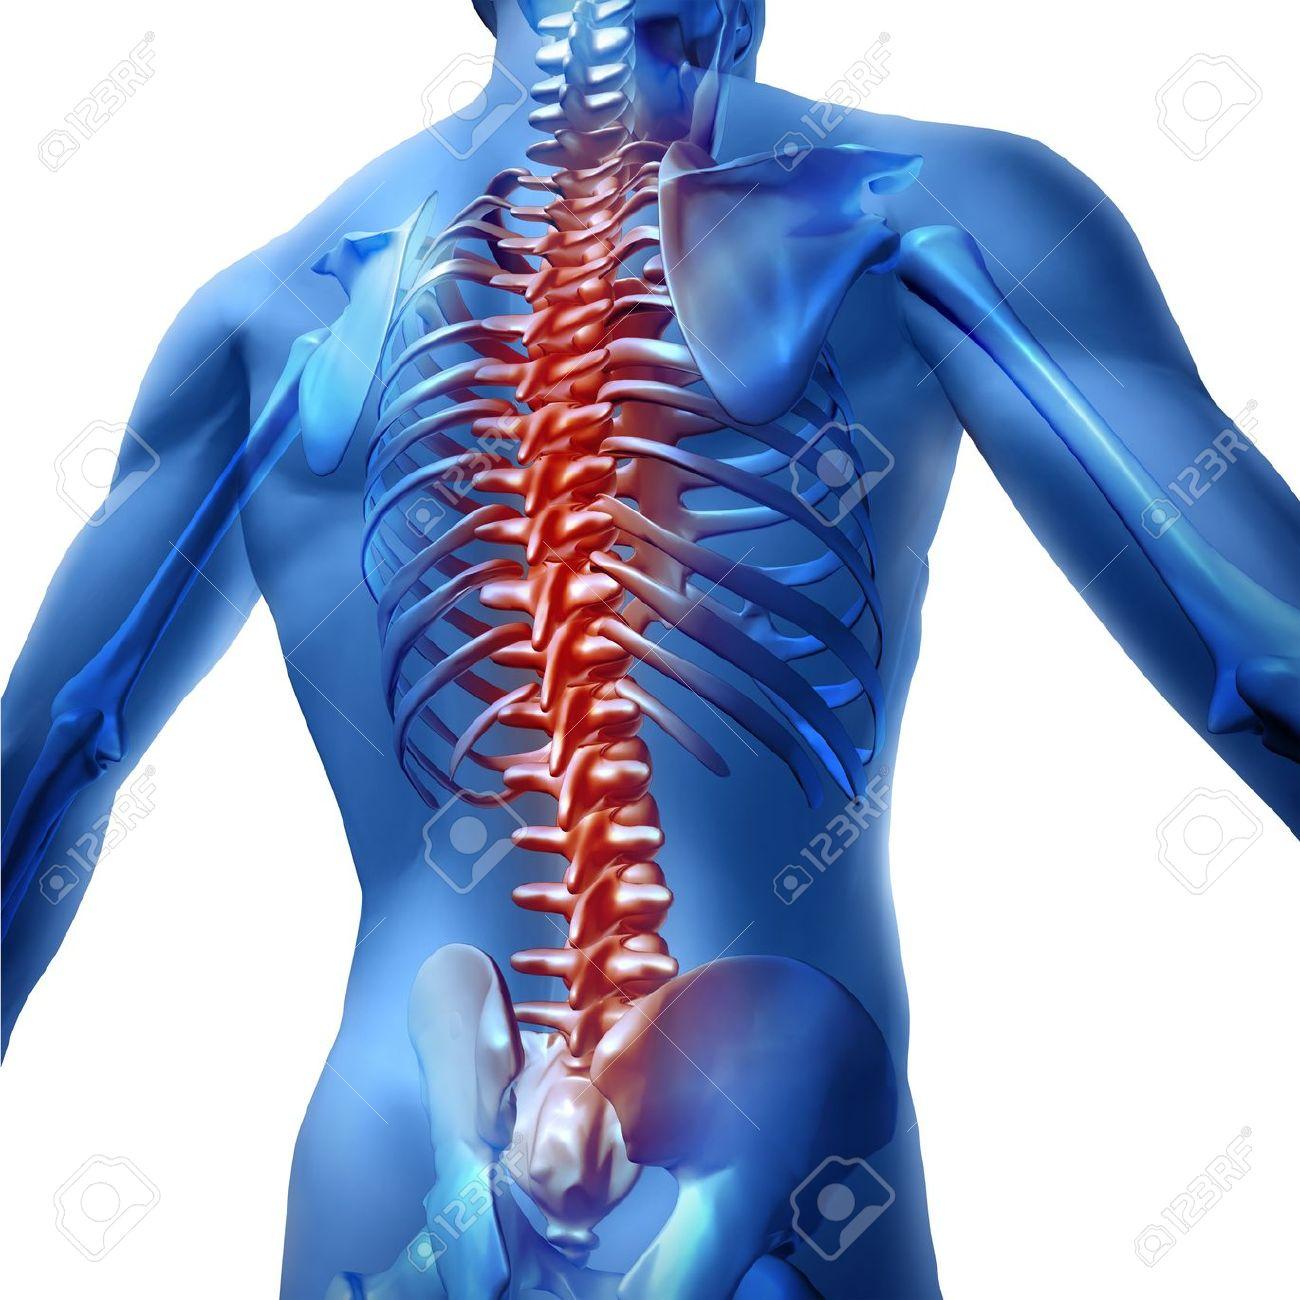 Der Menschliche Körper Rückenschmerzen Und Rückenschmerzen Mit Einer ...